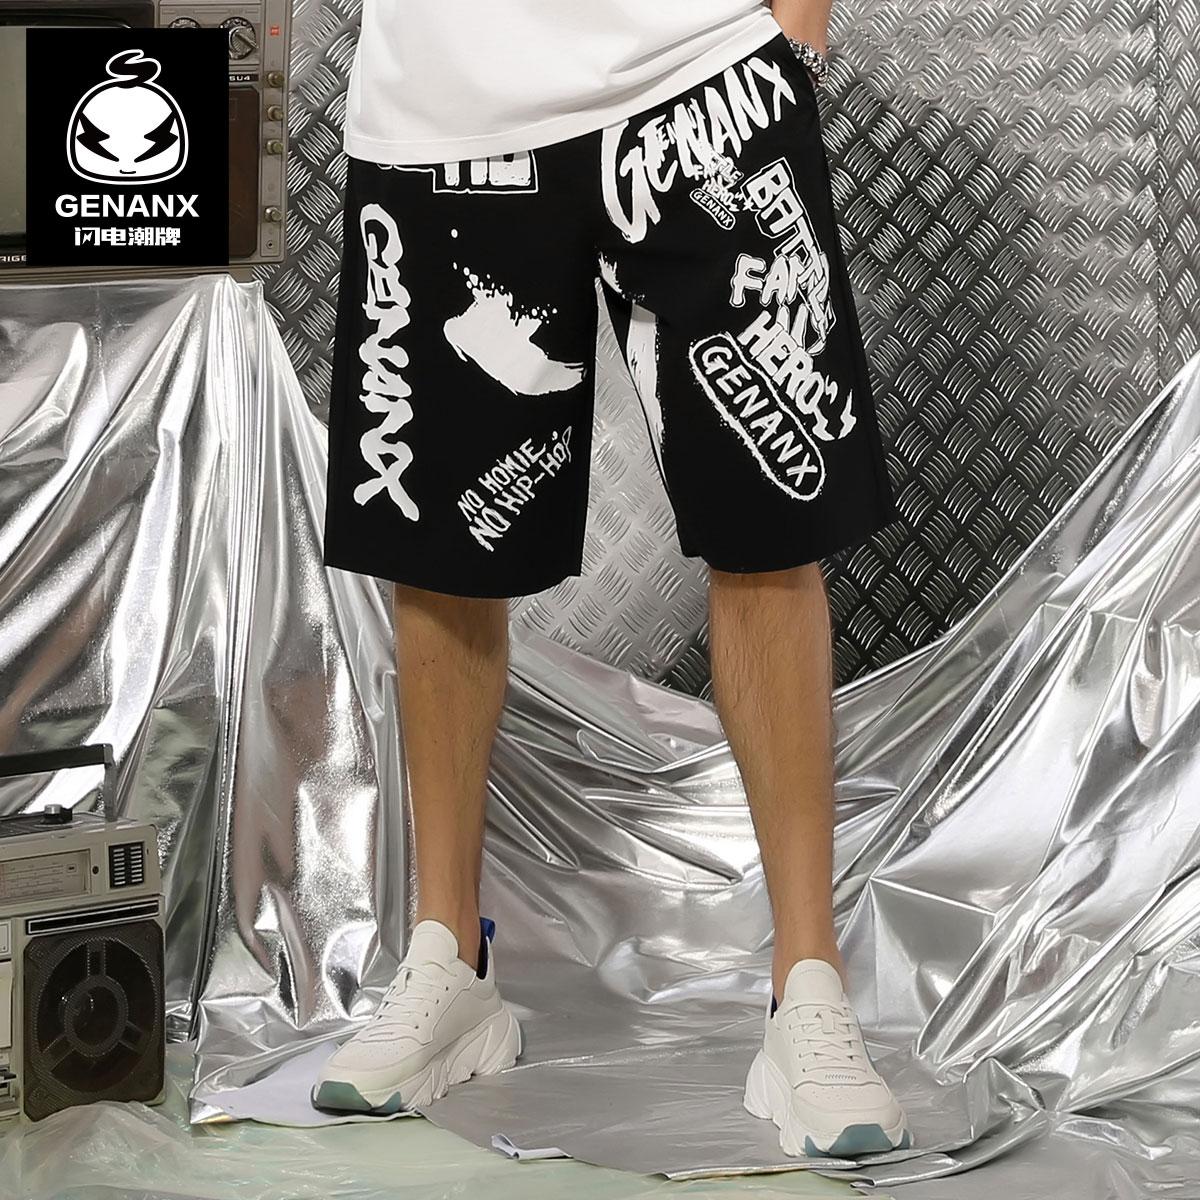 GENANX闪电潮牌短裤街舞嘻哈风男2020夏季新款潮流五分休闲裤男生